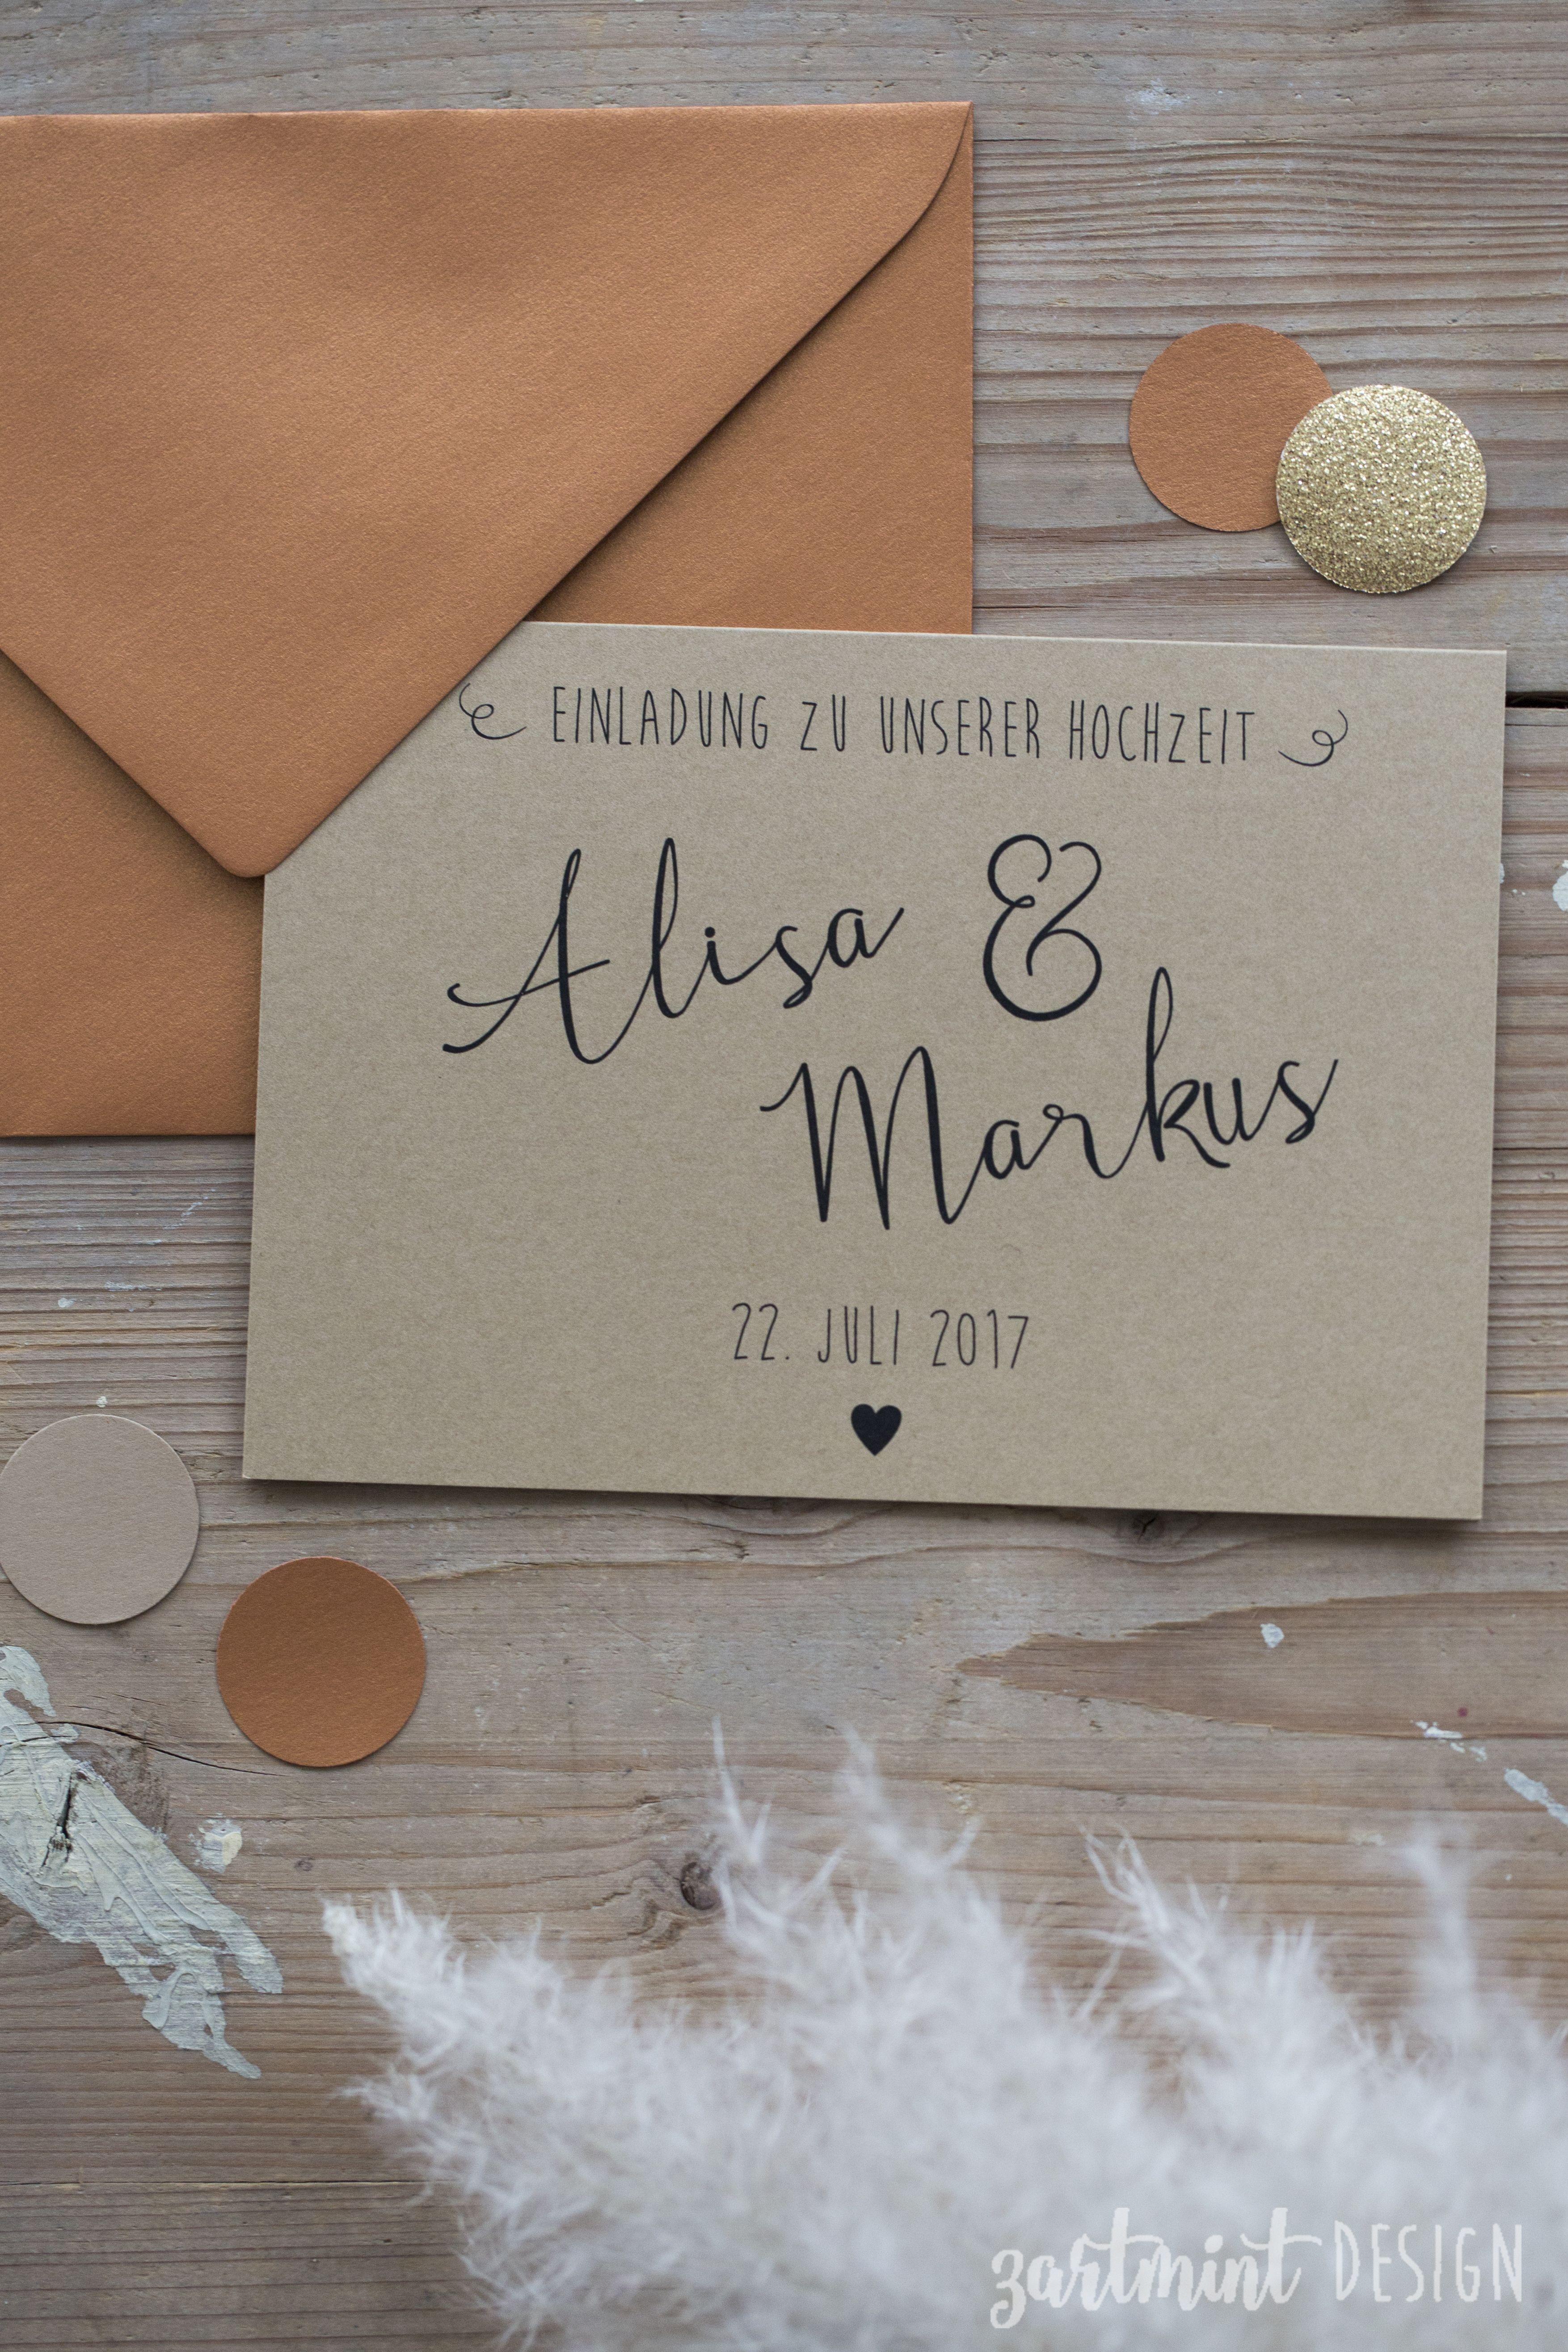 Hochzeitspapeterie | Hochzeitseinladung Kraftpapier U0026 Kupfer ♥ Copper,  Naturapapier, Kupferkonfetti, Vintage, Hippie, Boho, Zartmint Design, Bonn,  Köln, ...